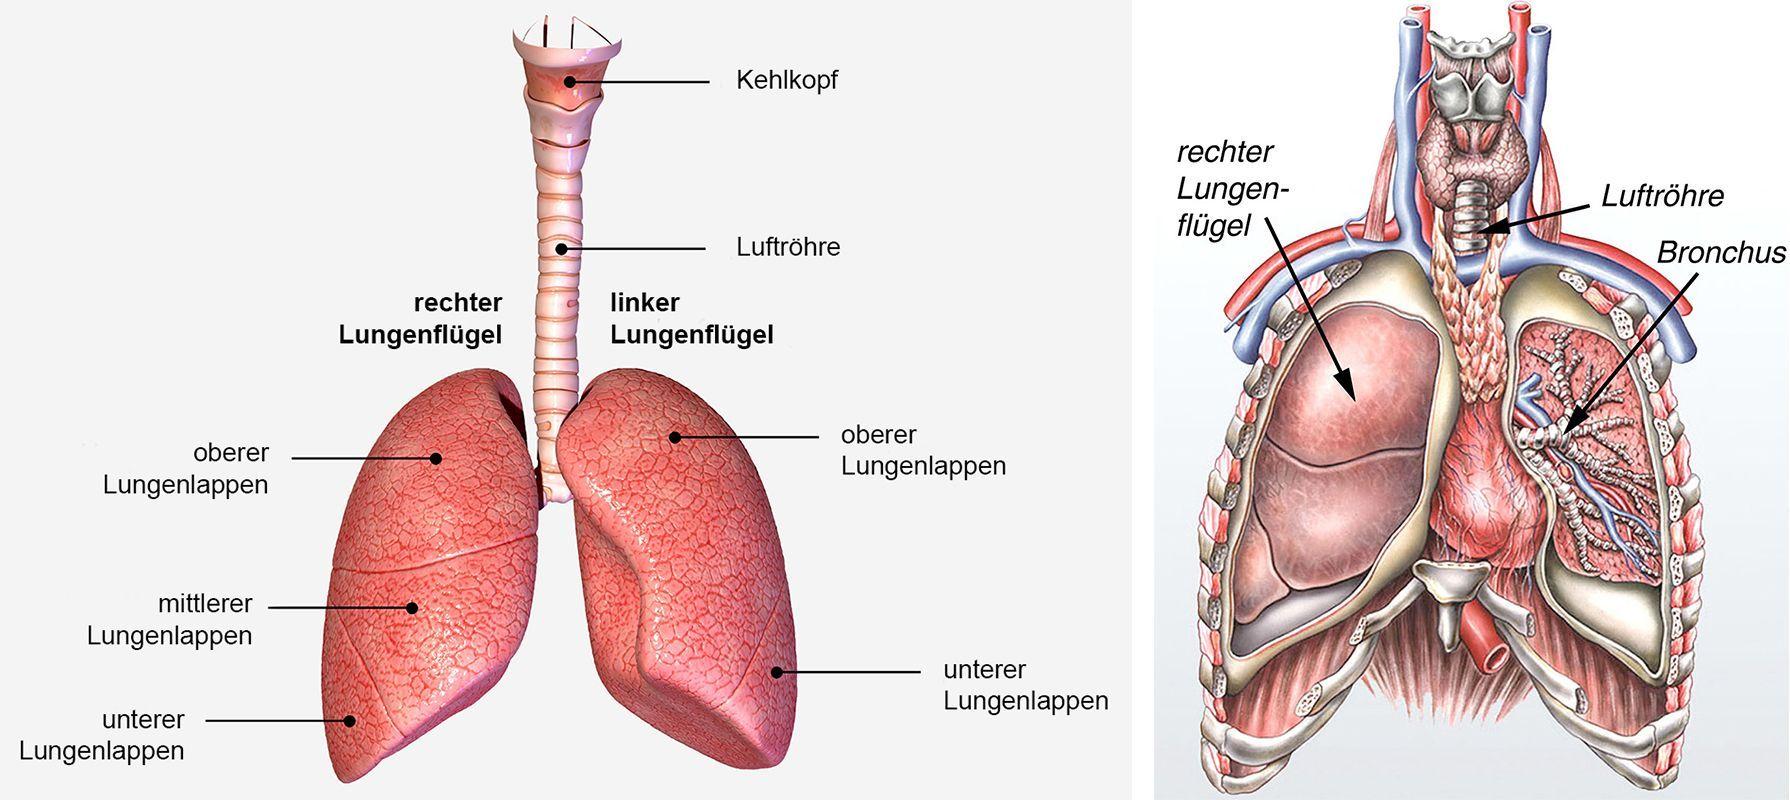 Lunge und Brustwand - KSW